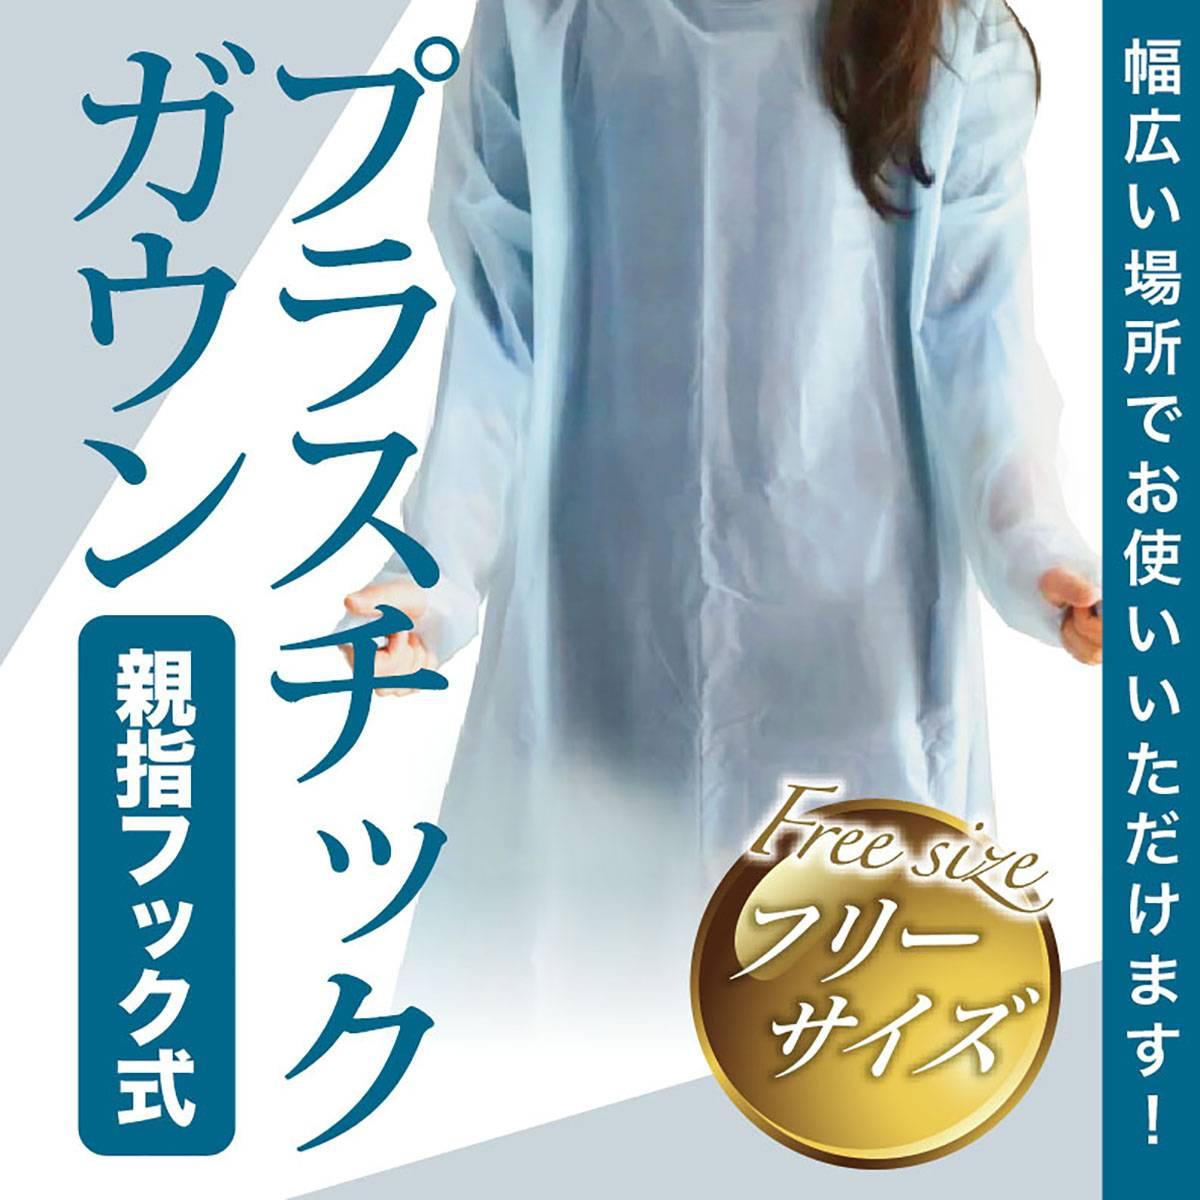 プラスチックガウンン 袖付き【親指フック式)】フリーサイズ15枚入り